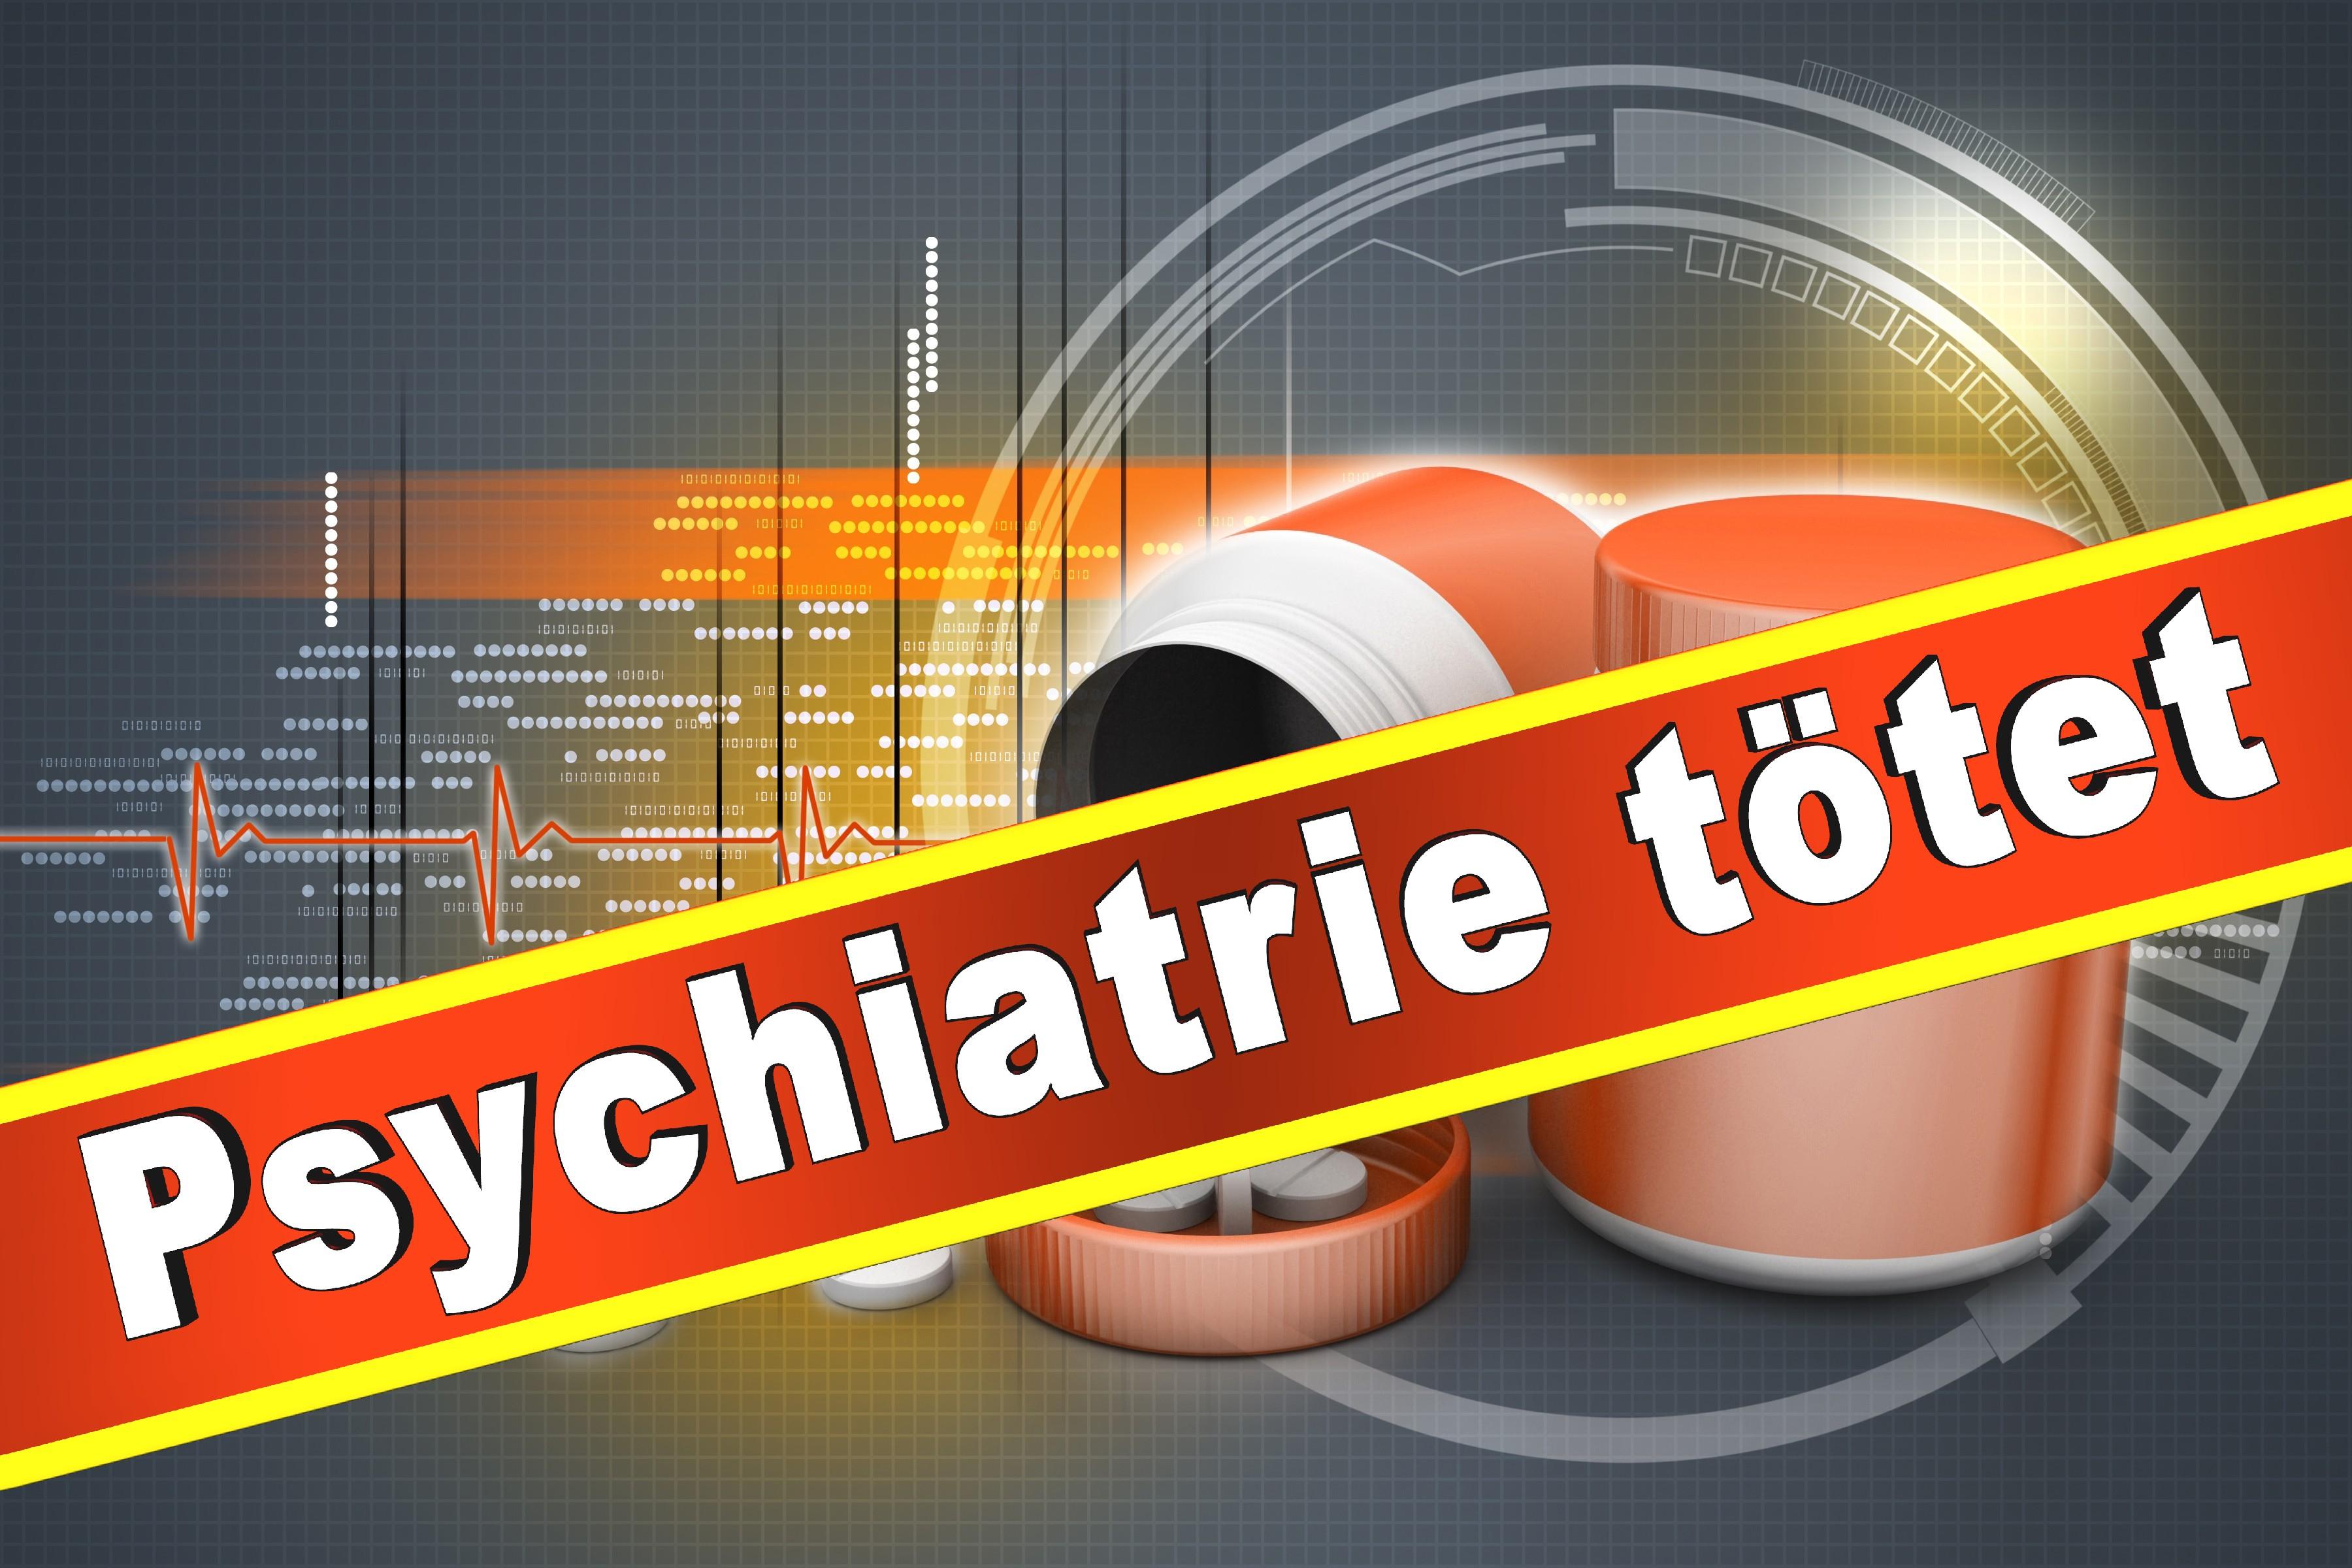 Neurologie & Psychiatrie